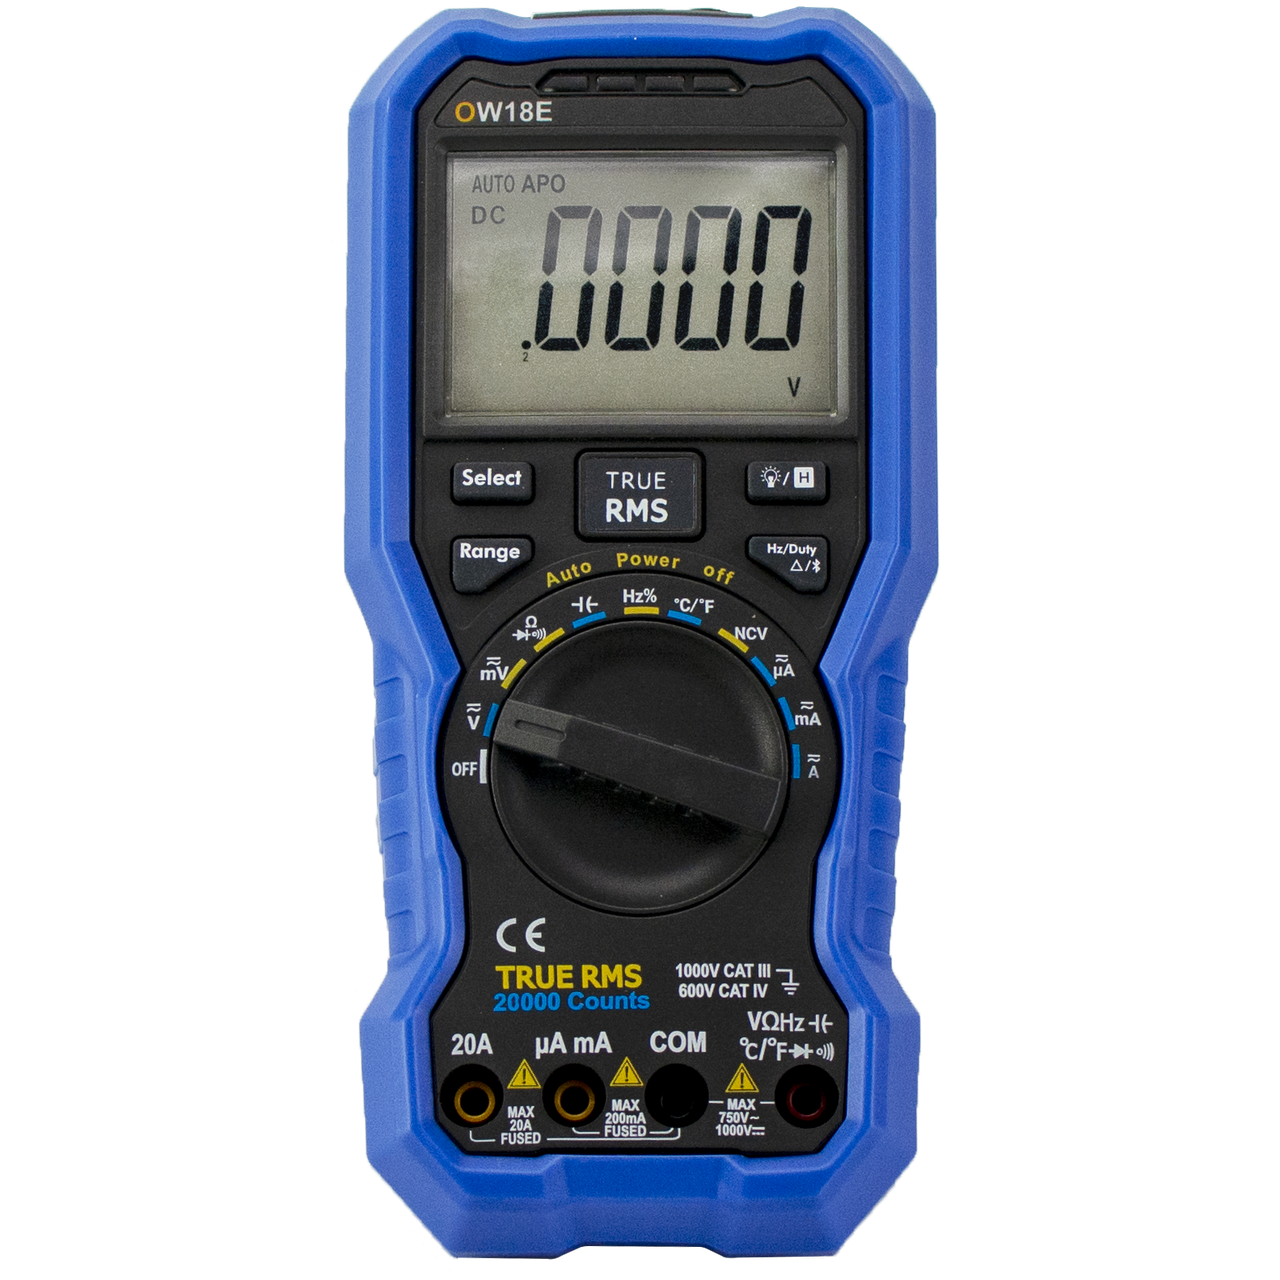 Цифровий мультиметр з Bluetooth OWON OW18E